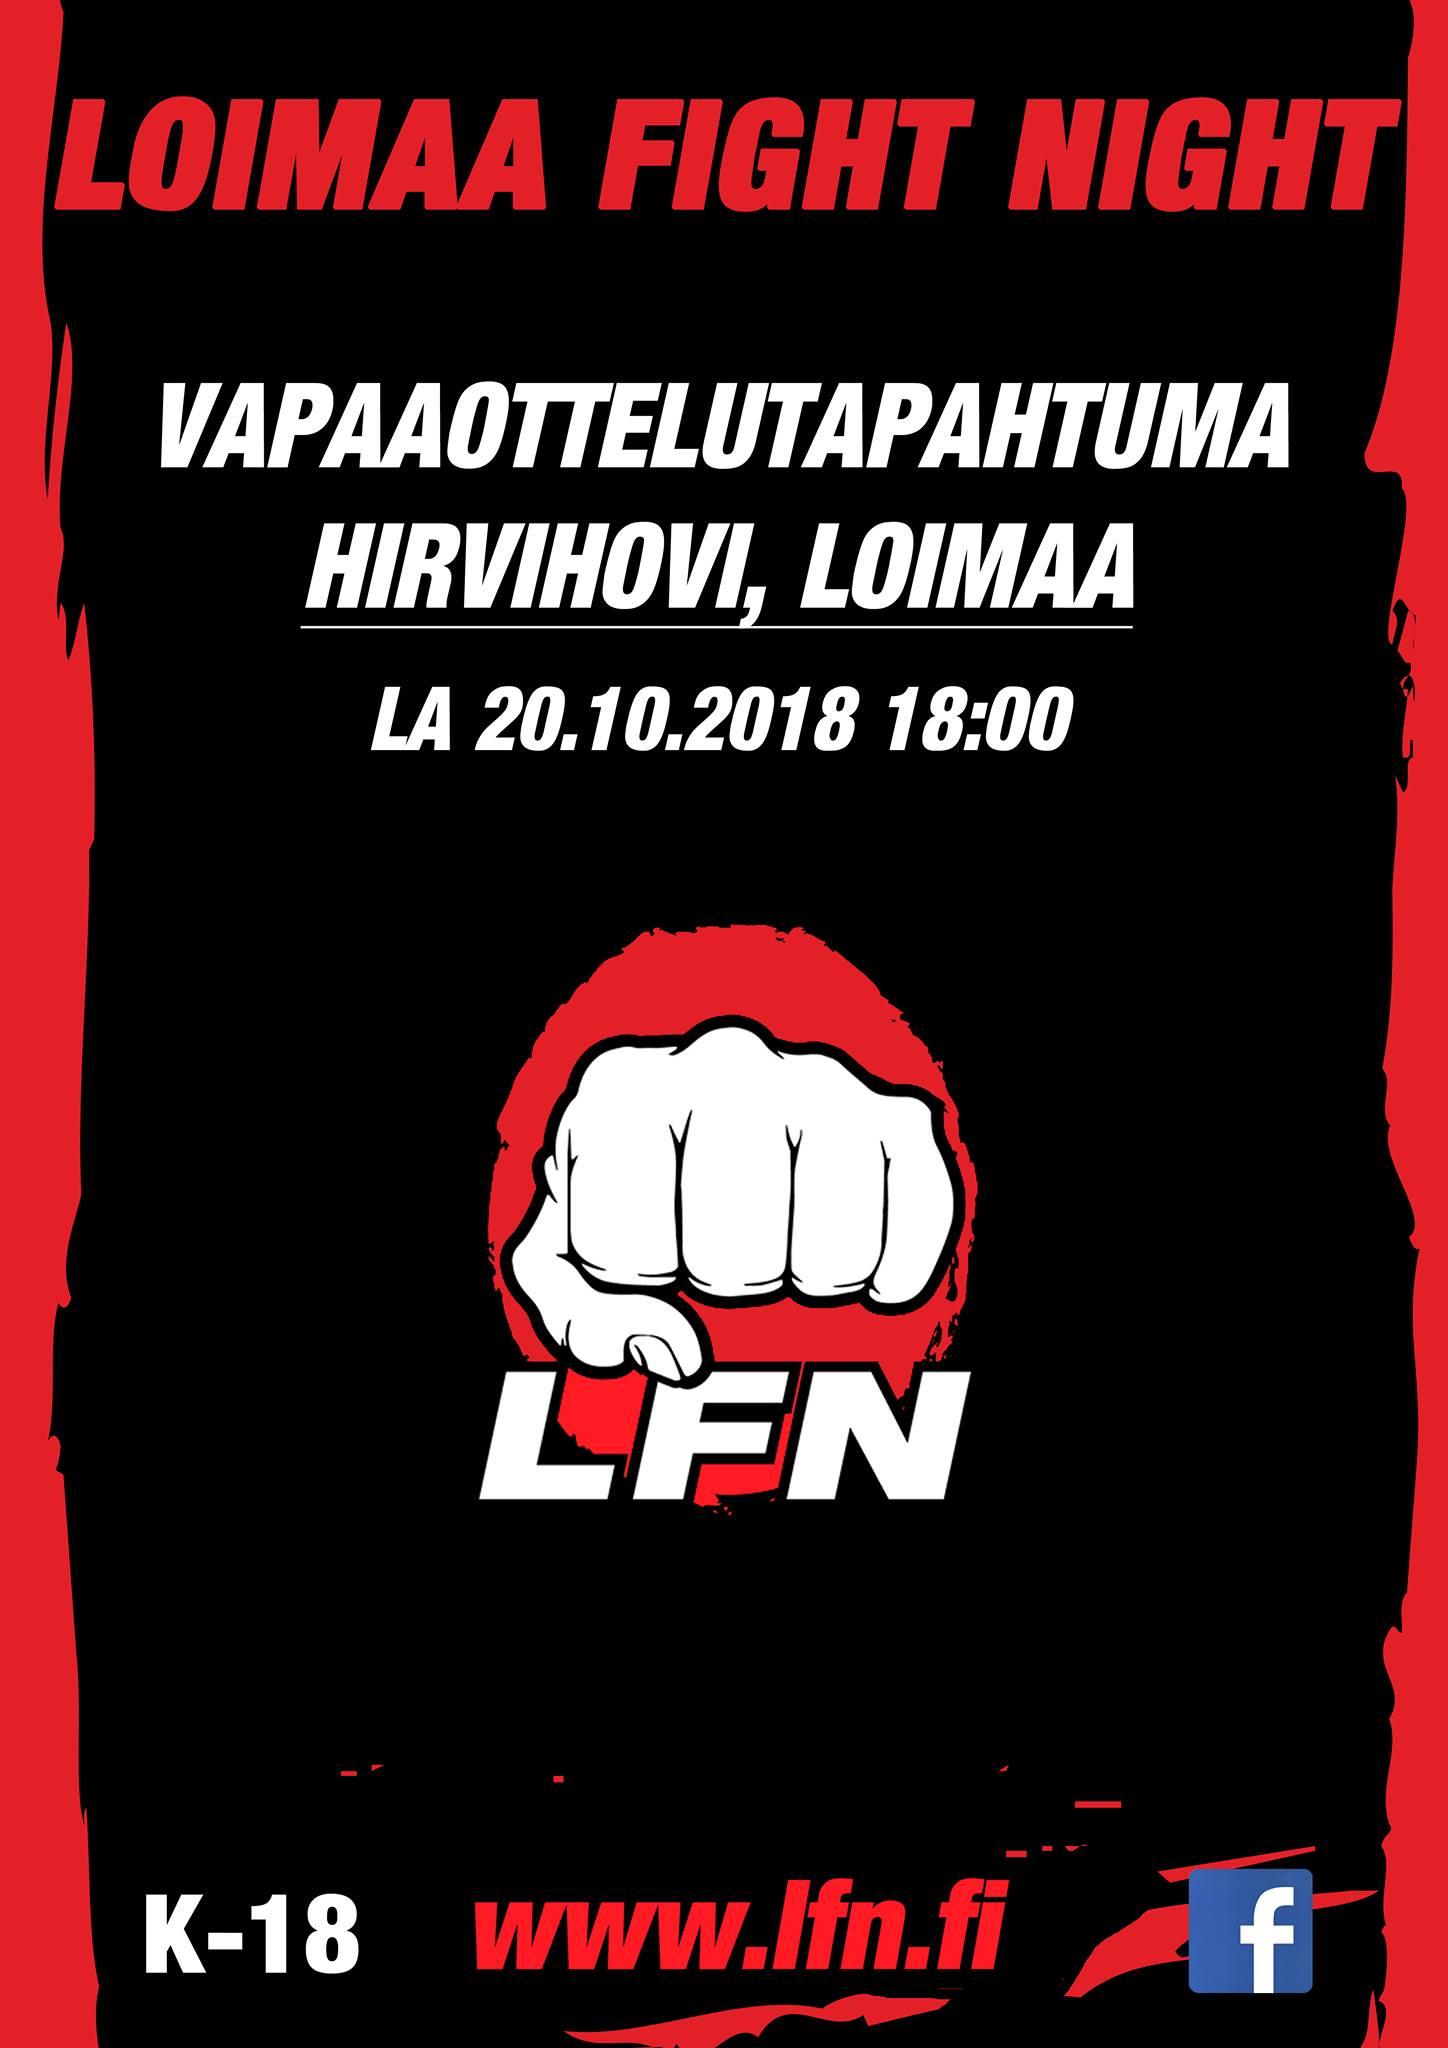 Loimaa Fight Night